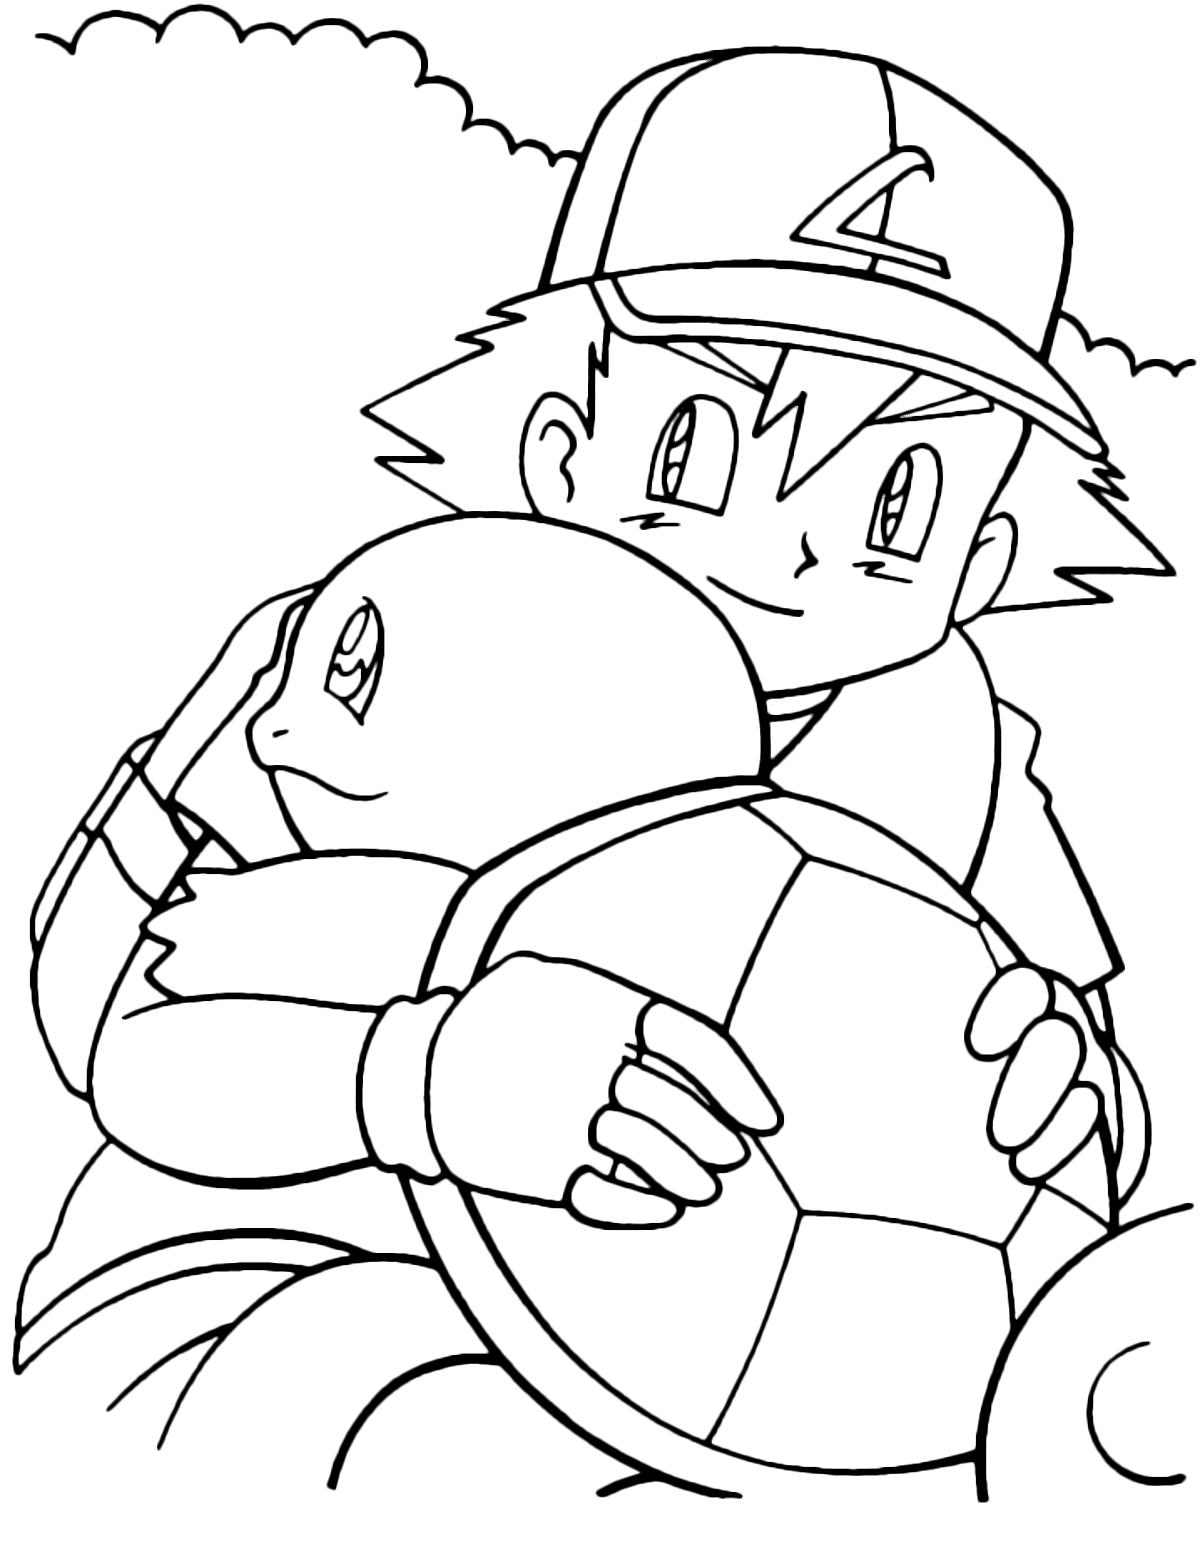 Pokémon Gen 1 Squirtle Abbraccia Ash Ketchum